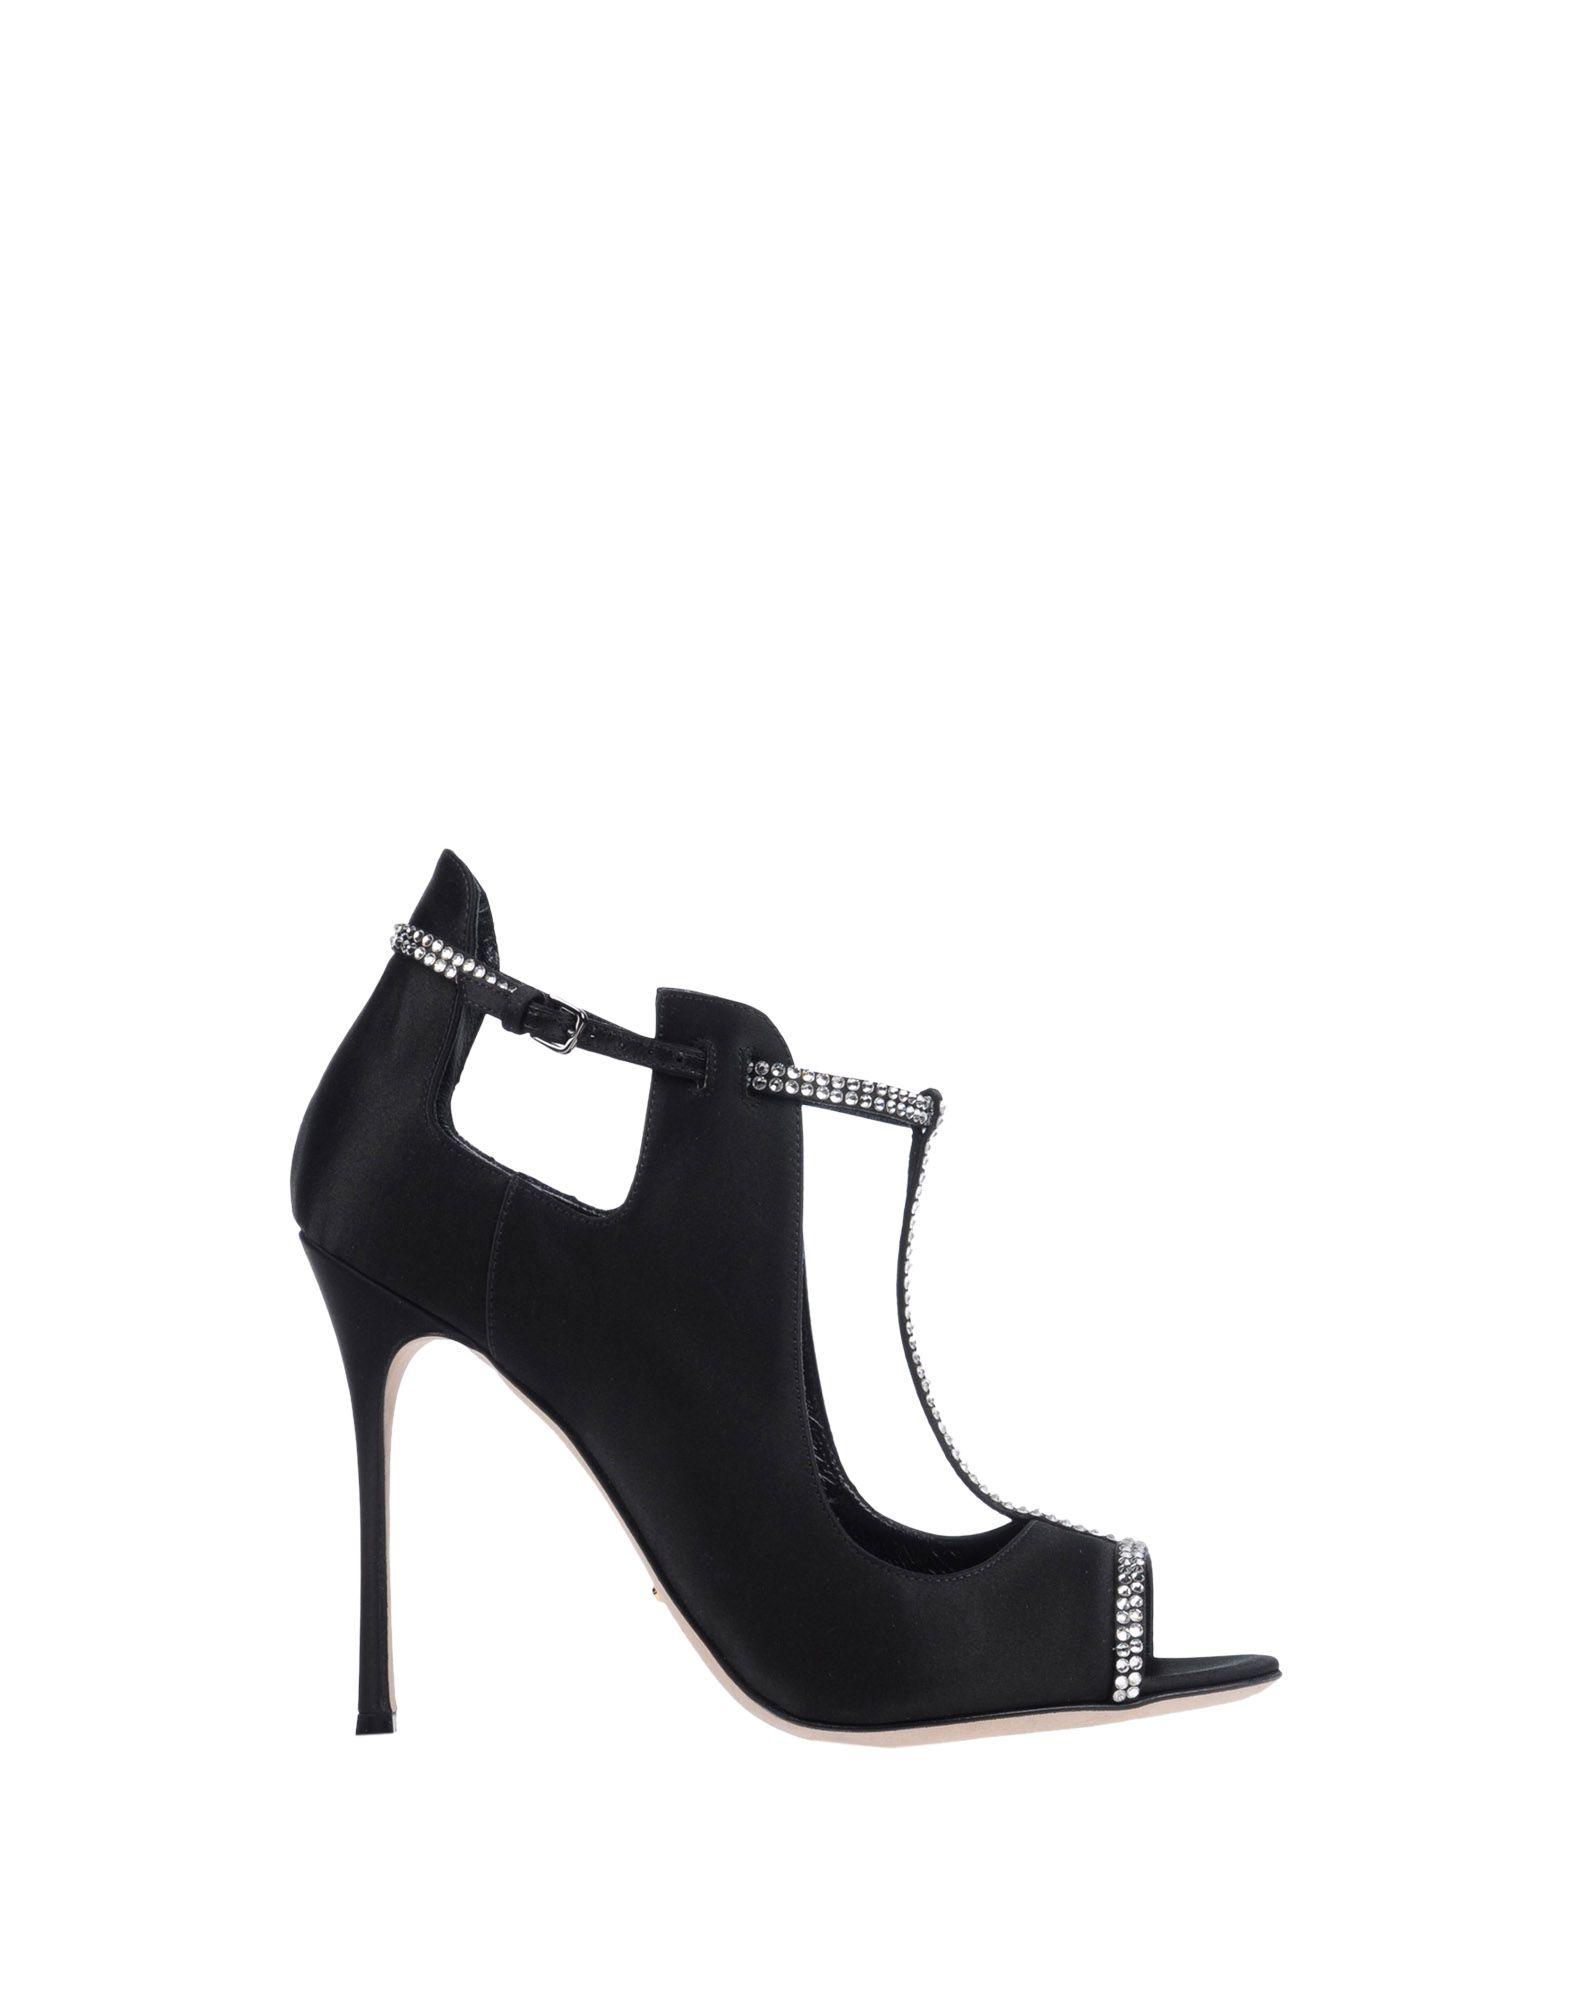 Sergio Rossi Pumps aussehende Damen  11284765HGGünstige gut aussehende Pumps Schuhe dfc04f